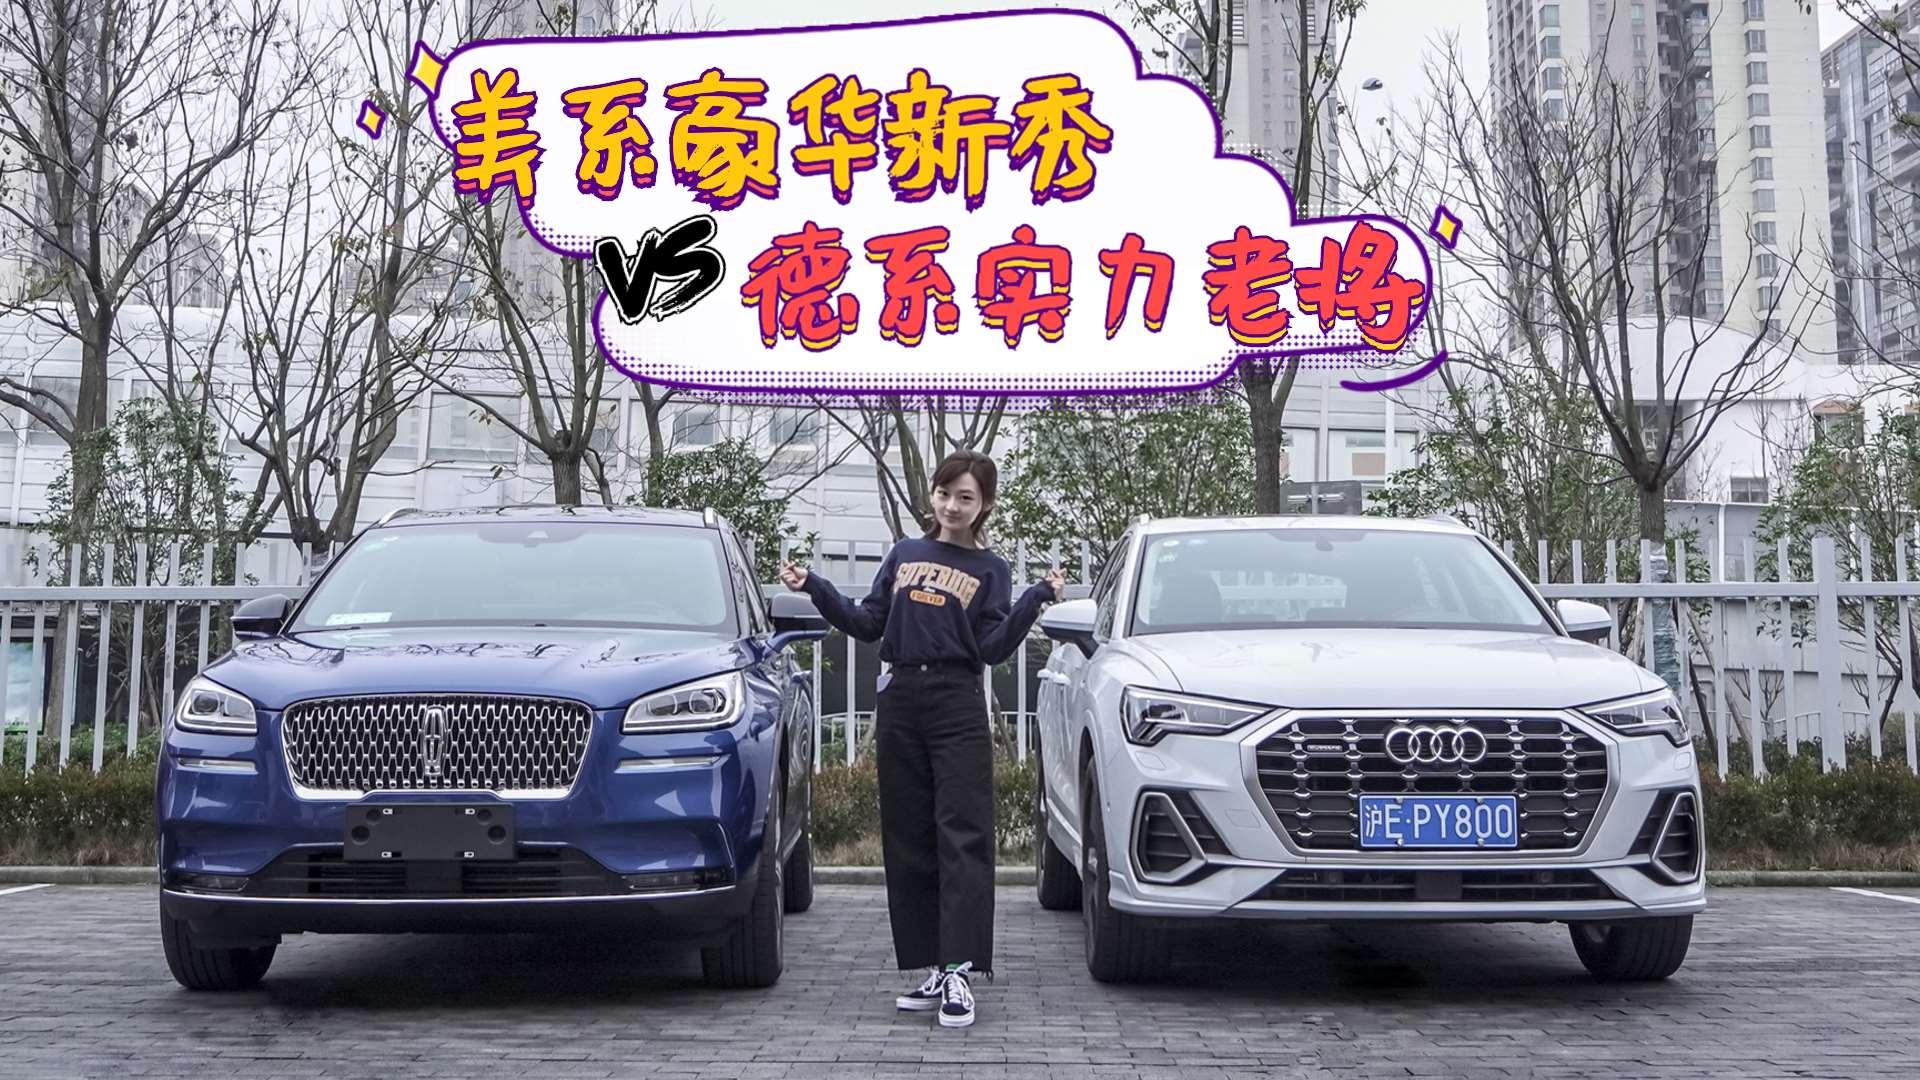 林肯冒险家静态对比奥迪Q3:30万豪华SUV谁的配置更有诚意?